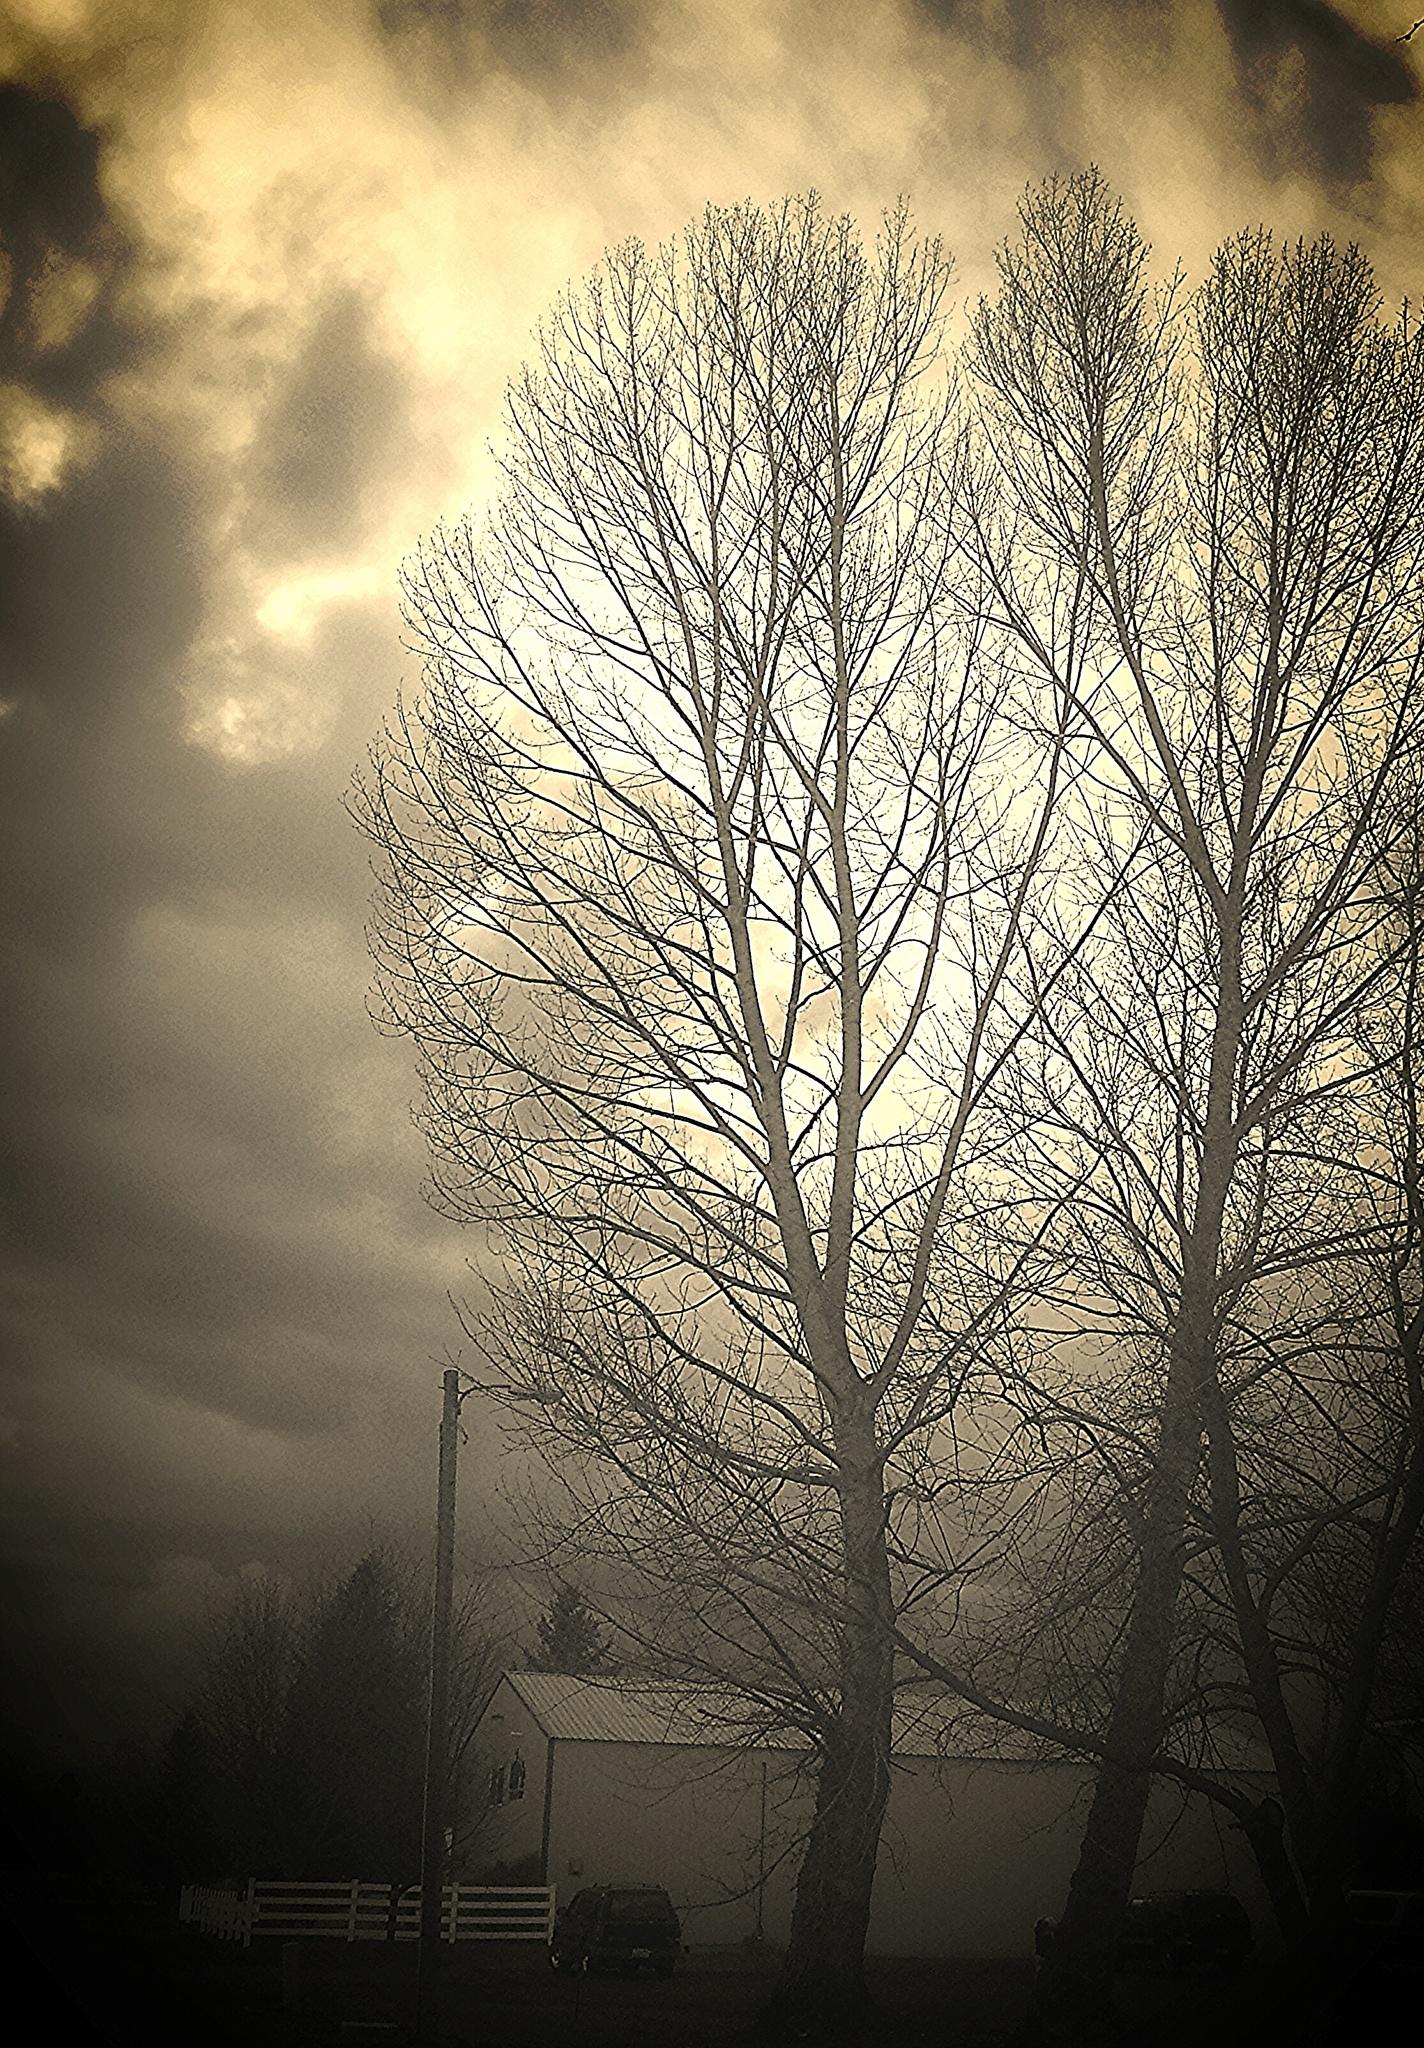 Untitled by Dawn Morri Loudermilk